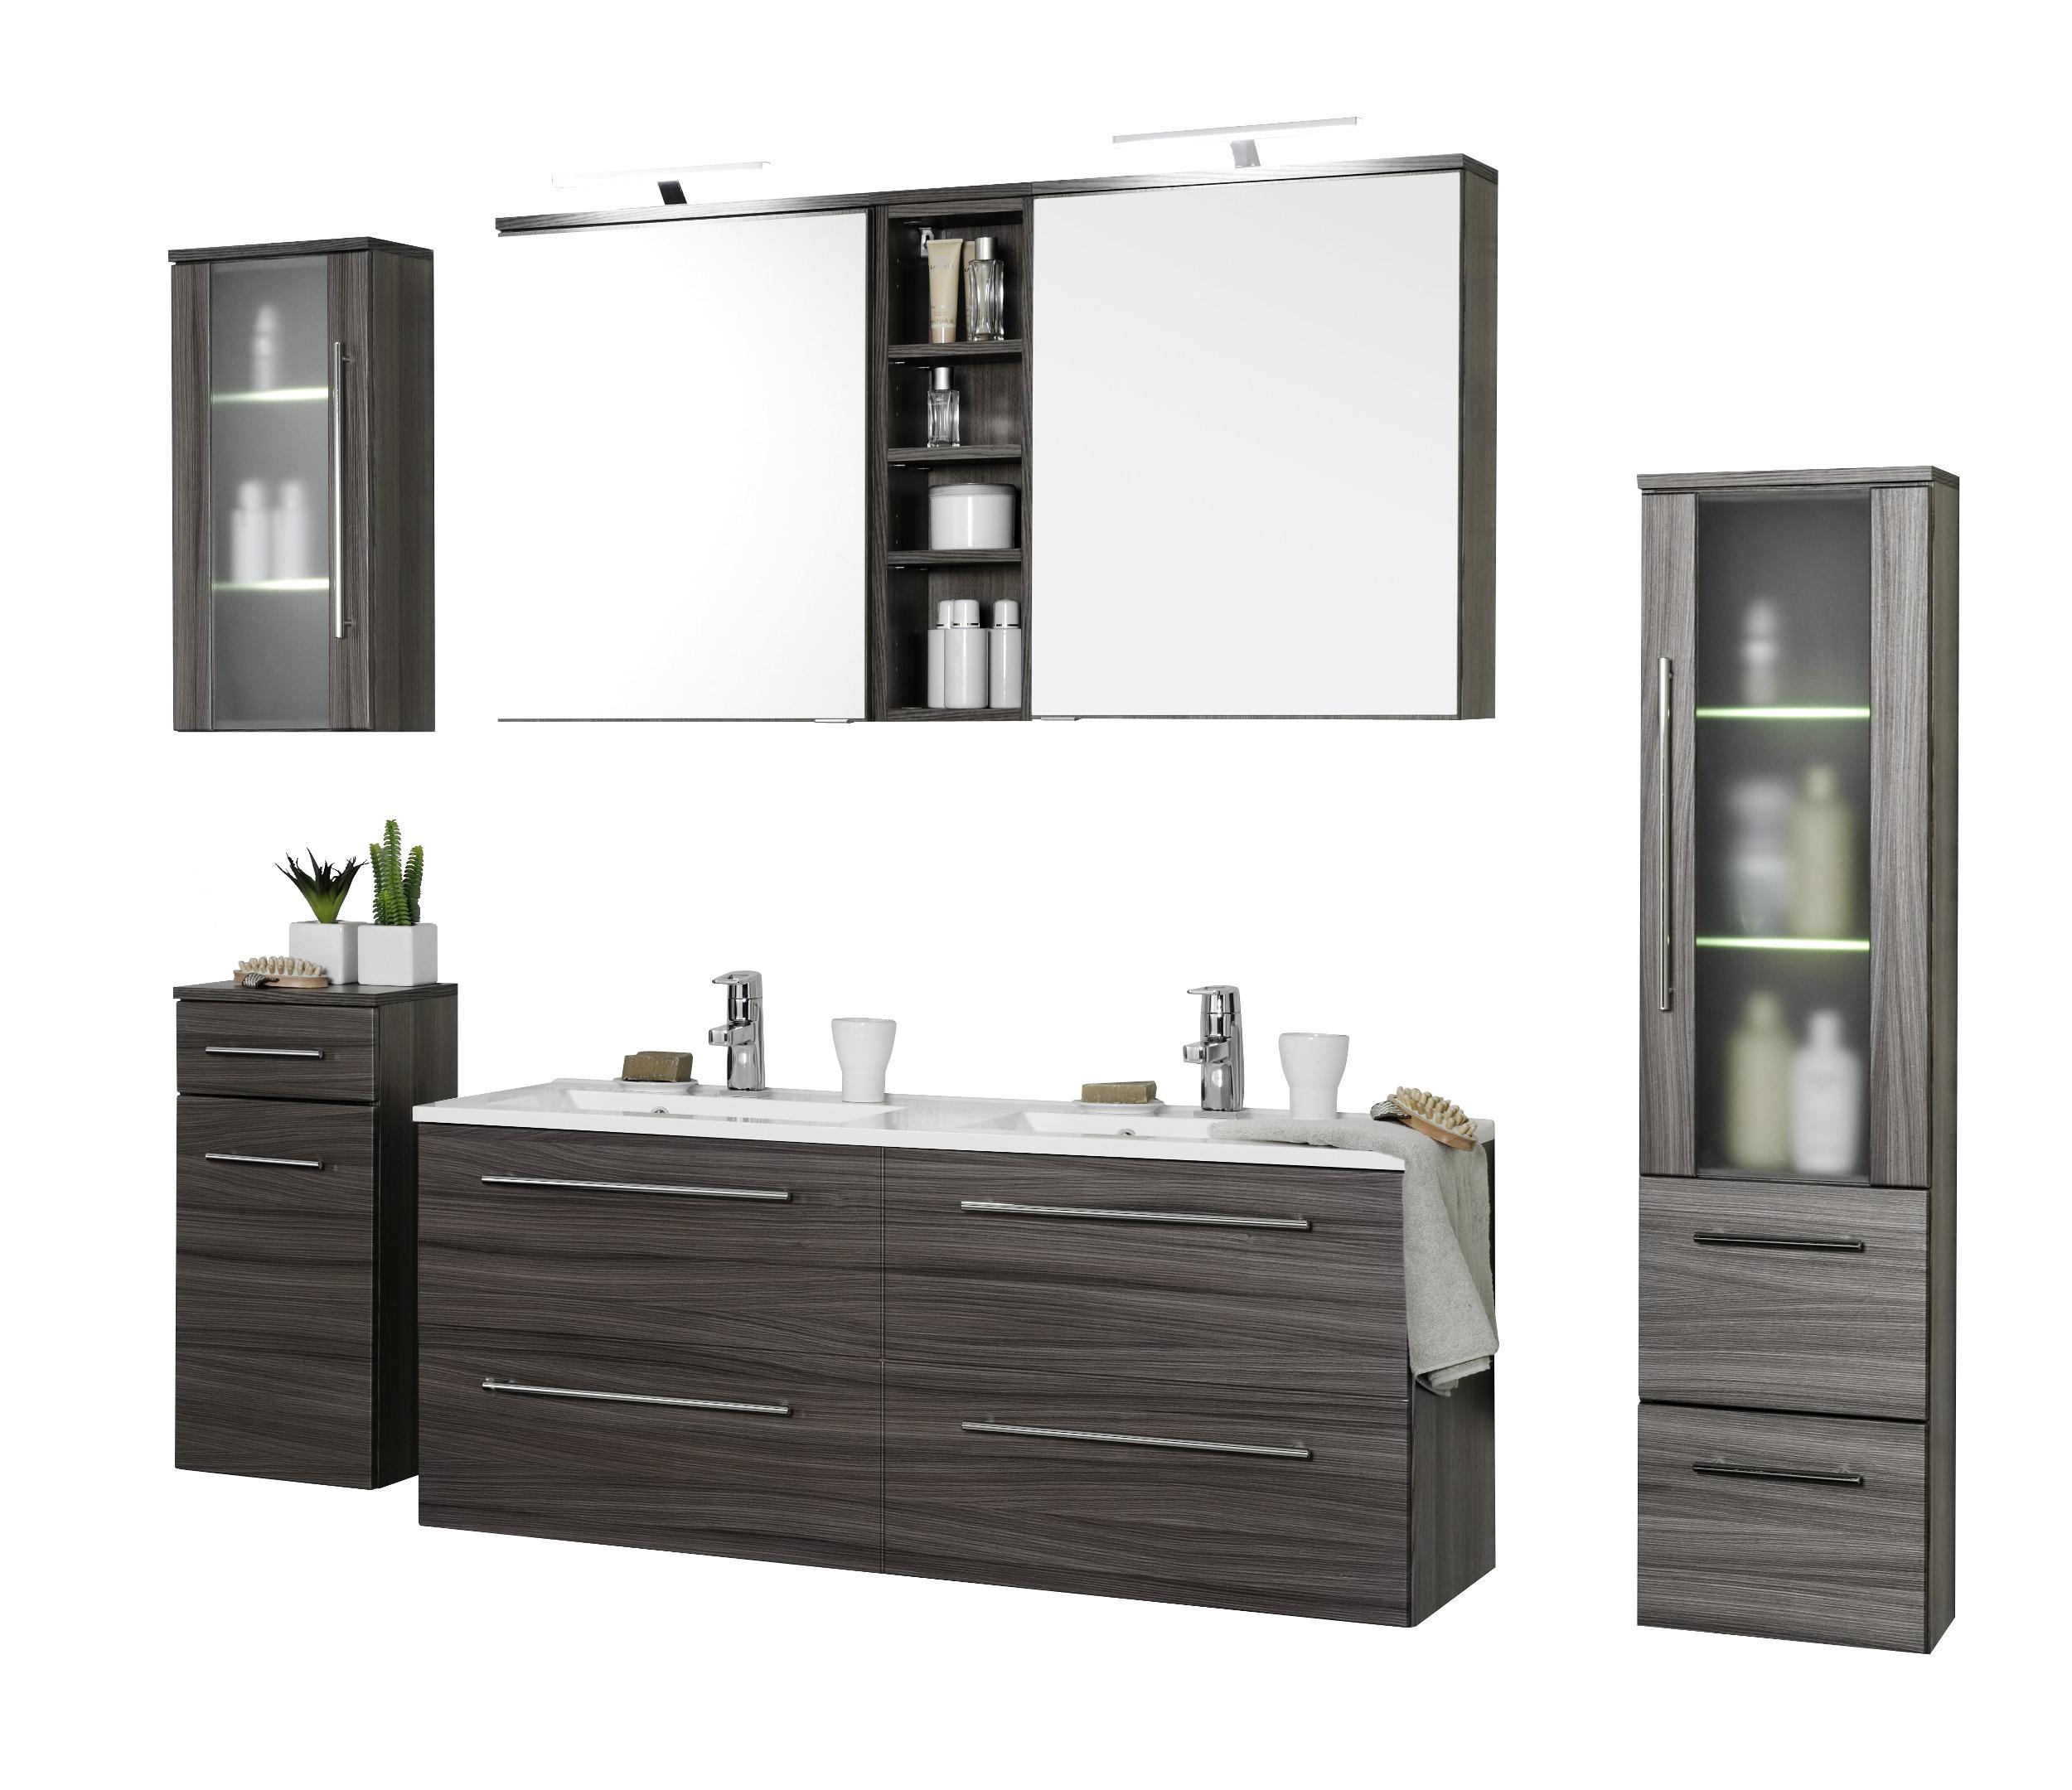 Badmöbel-Set MAILAND - mit Waschtisch - 7-teilig - 180 cm breit -  Eiche-Dunkel